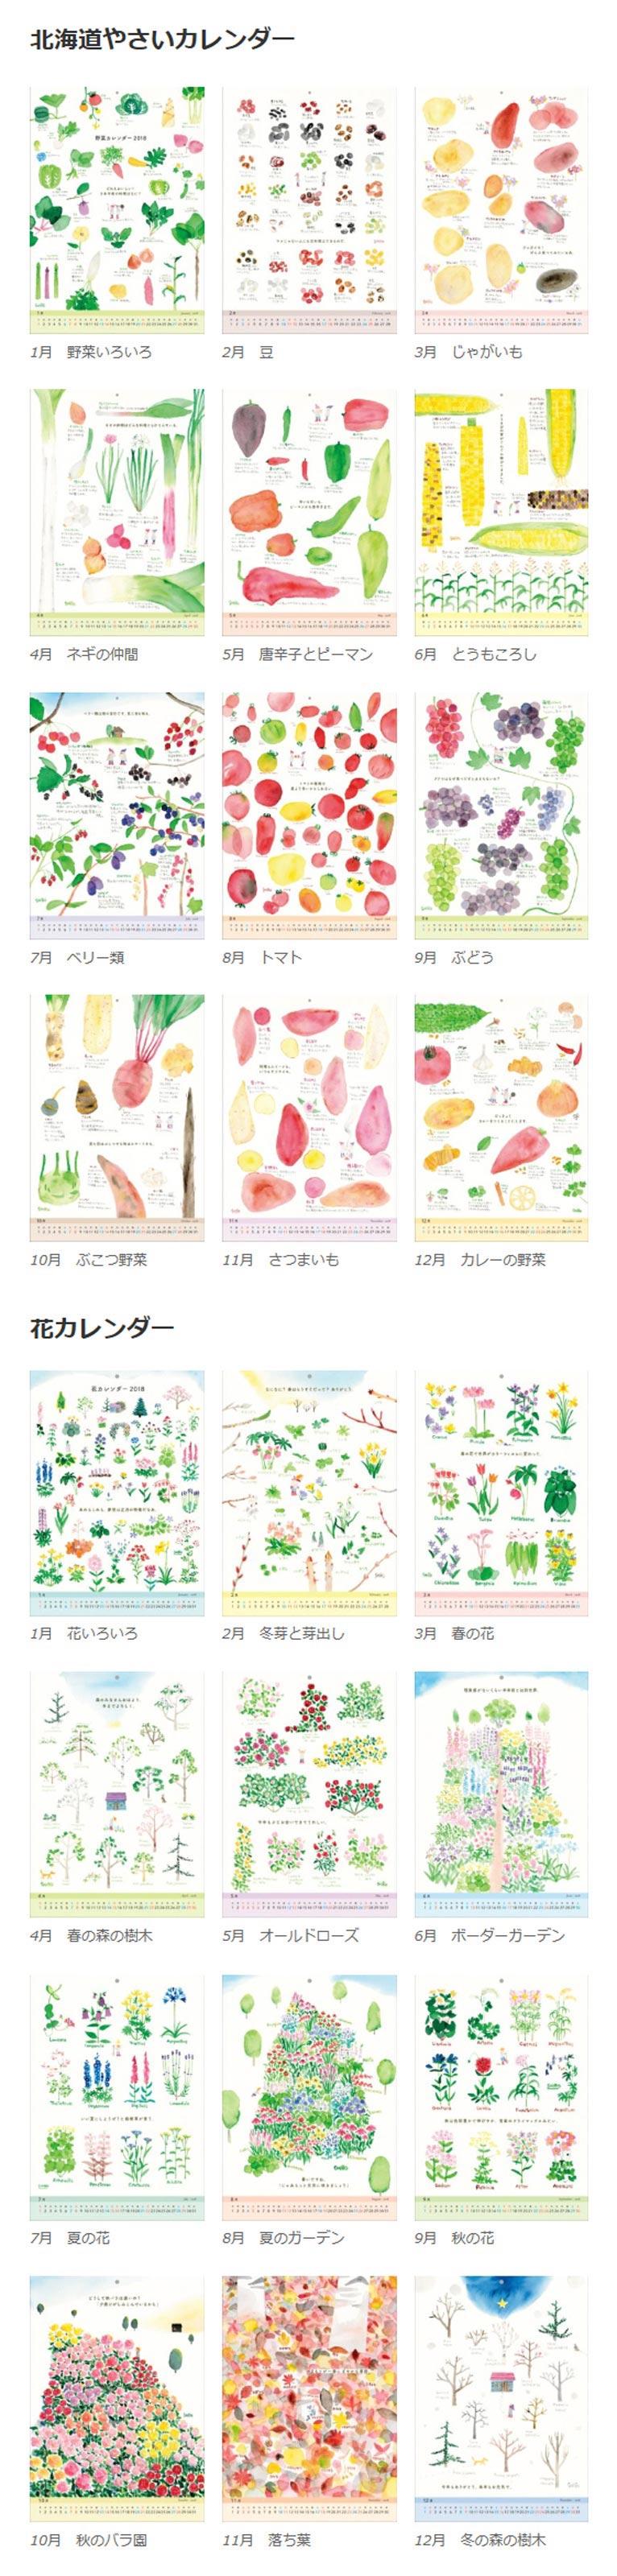 2018年カレンダー スケッチとイラスト 藤川志朗